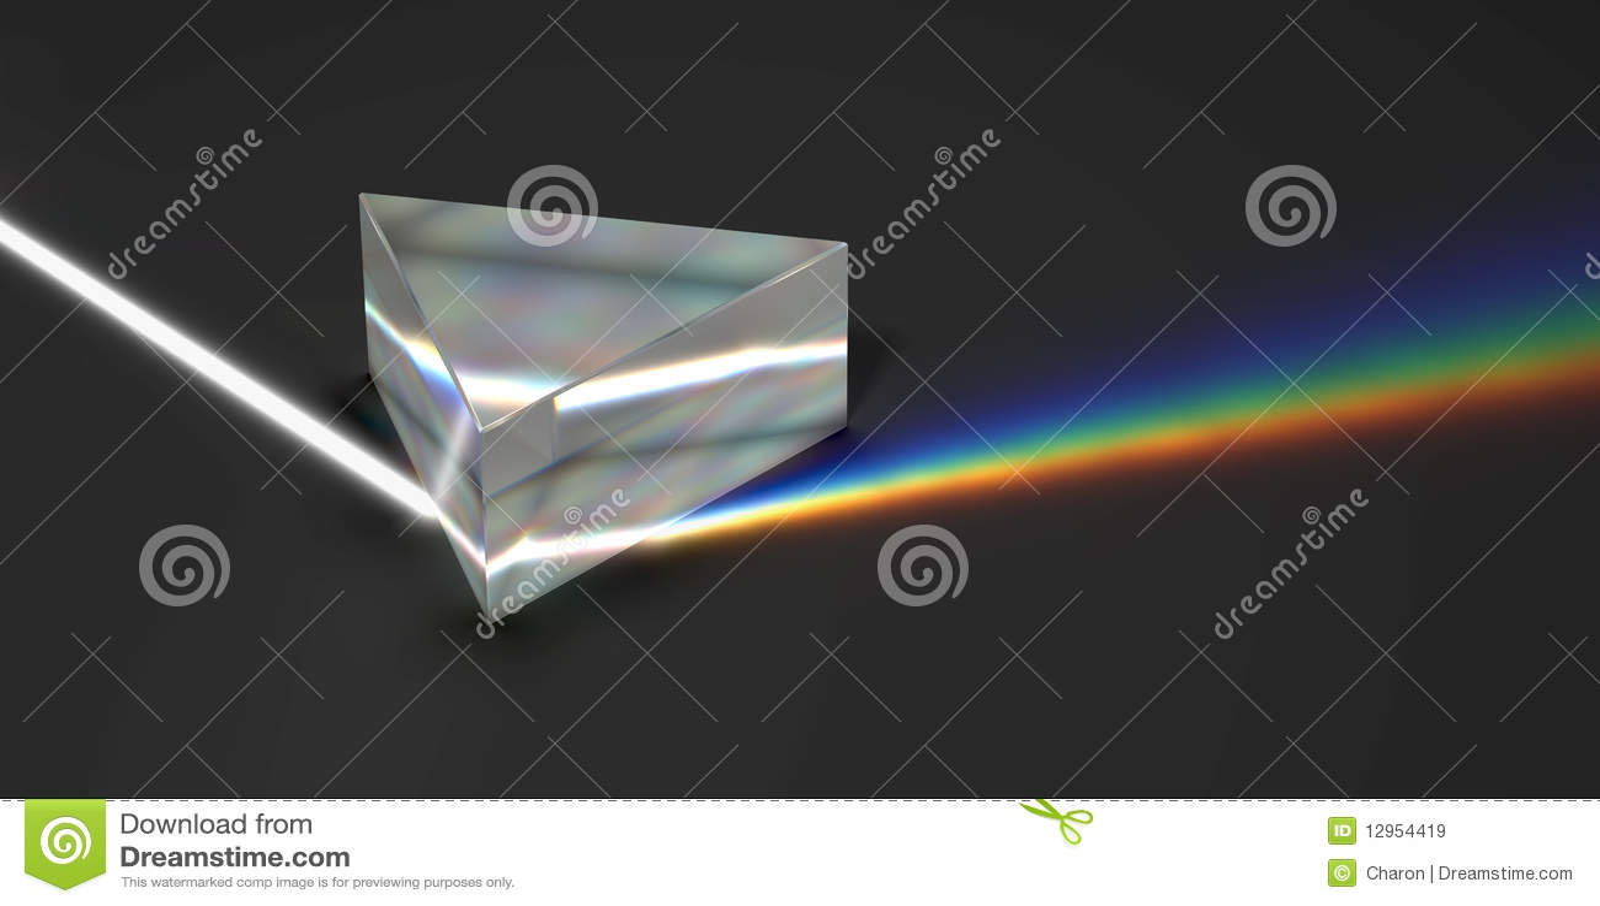 Ελαφριά ακτίνα χρώματος ουράνιων τόξων πρισμάτων οπτική